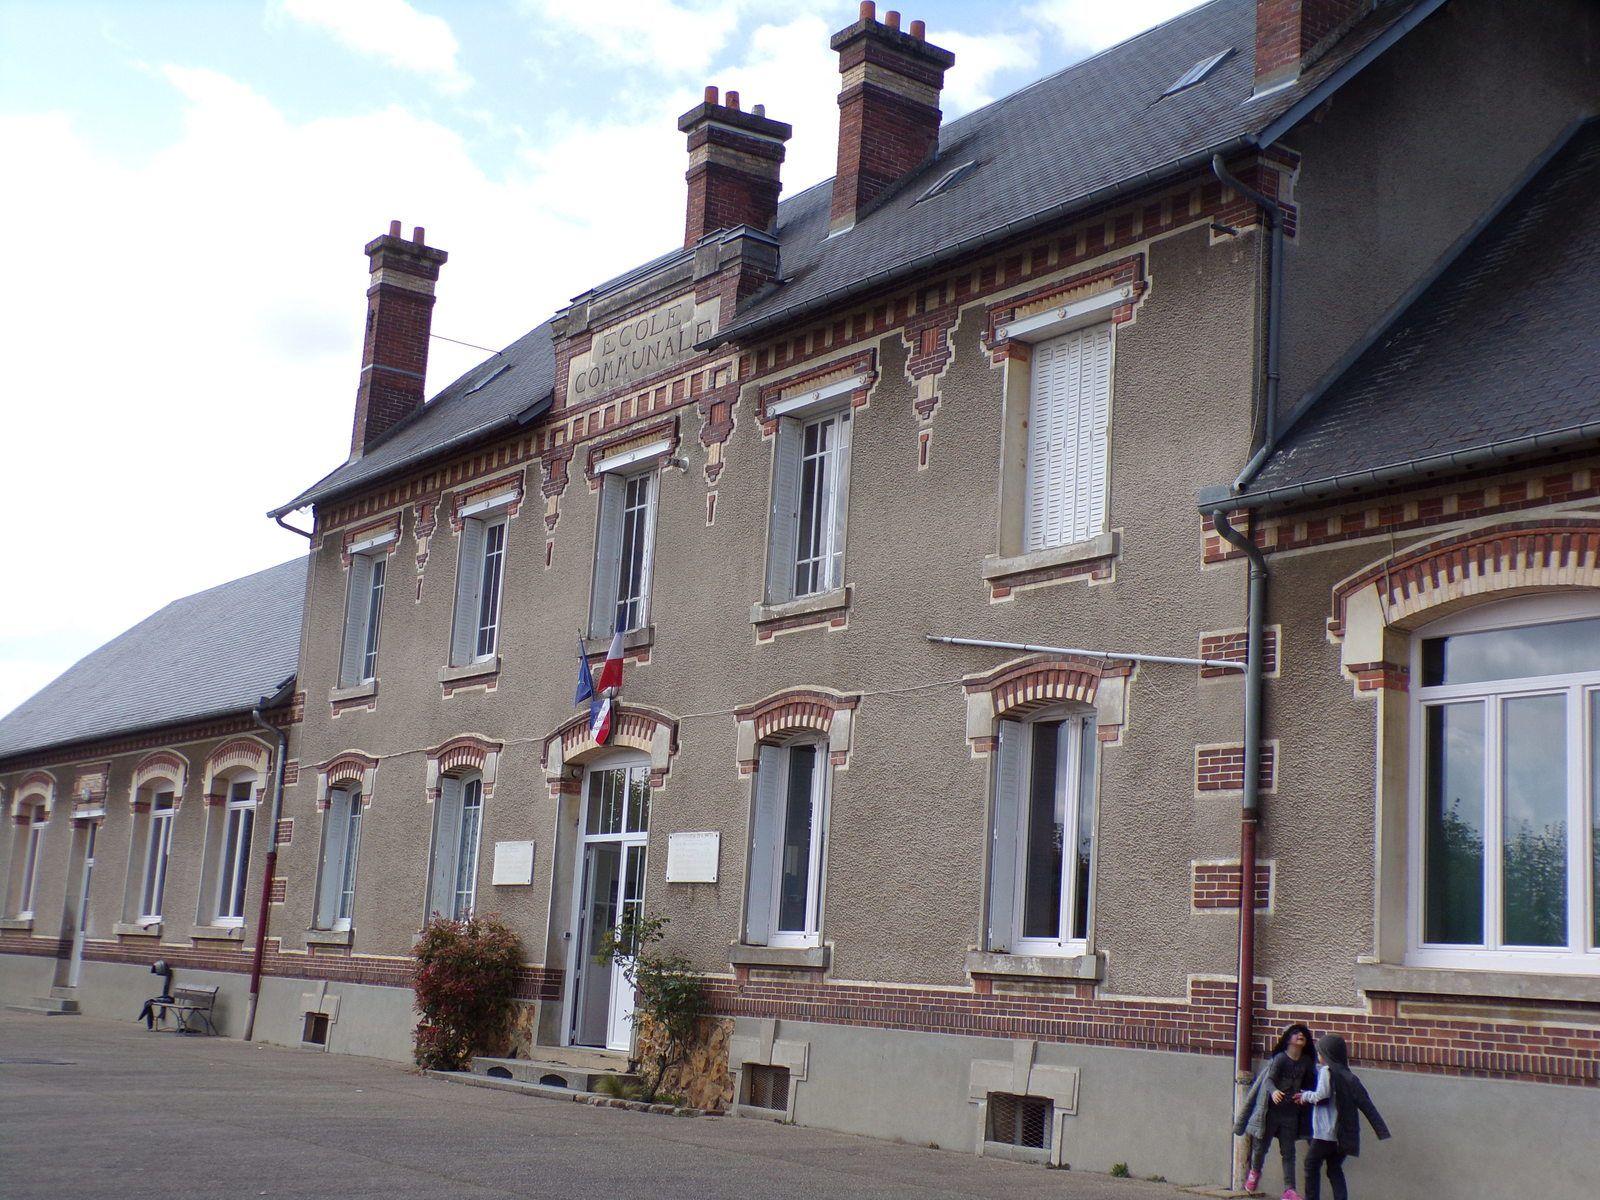 Week-end en Normandie du 28 au 30 avril 2017 (1) : Présentation à l'école de Tillières le 28 avril